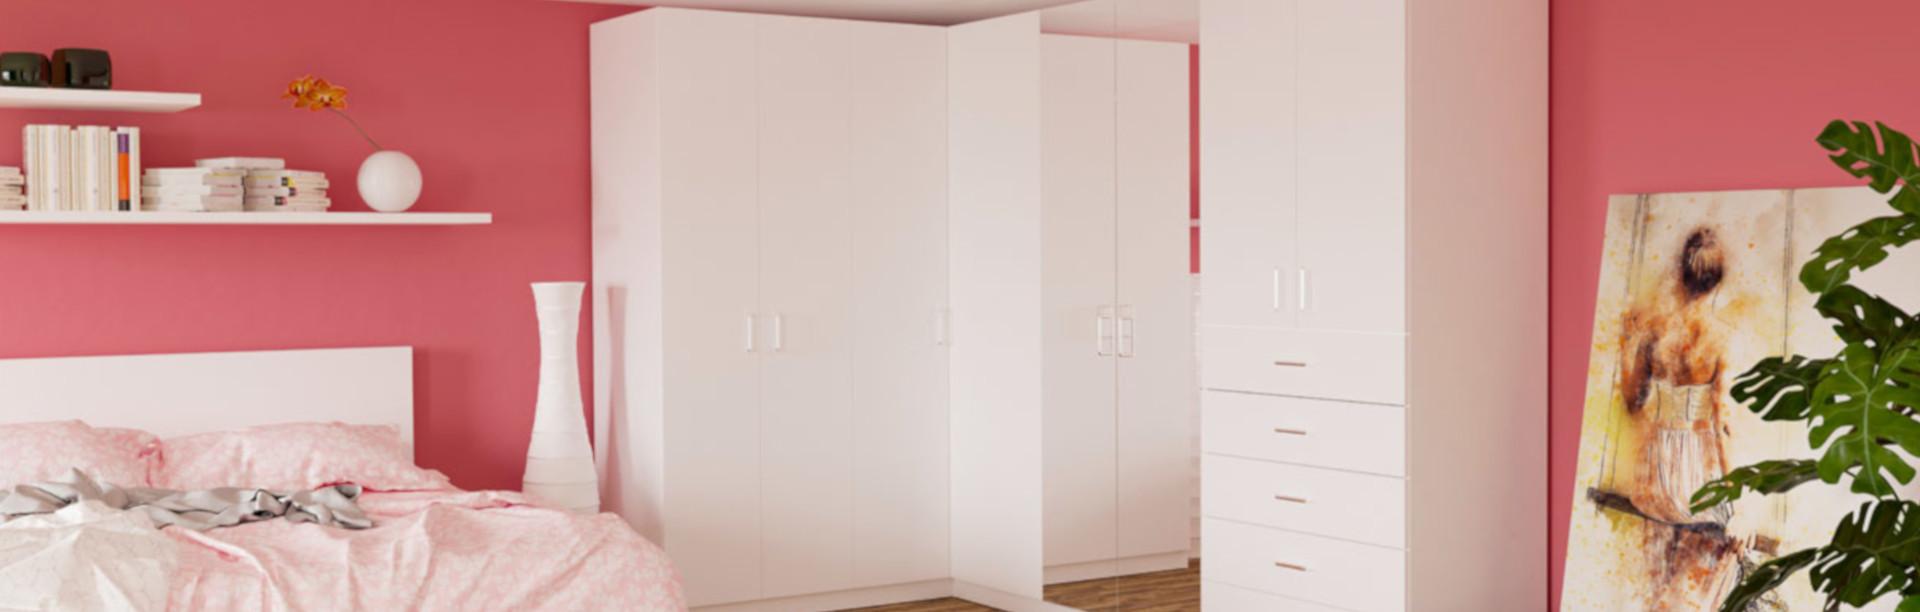 Full Size of Mambel Im Kinderzimmer Schrank Und Regal Planen Schrankwerkde Sofa Weiß Regale Kinderzimmer Eckkleiderschrank Kinderzimmer